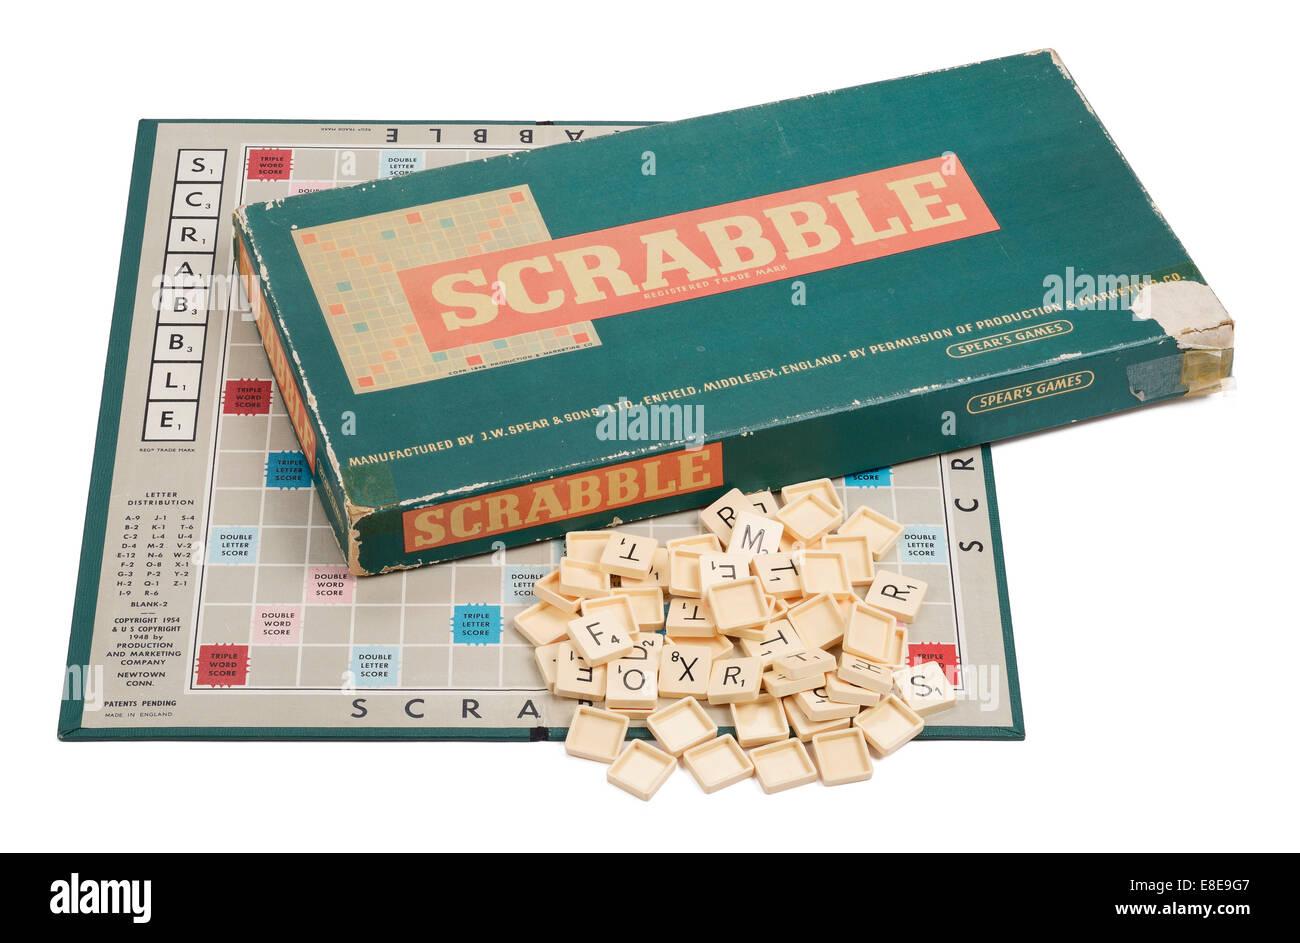 Un original vintage jeu de Scrabble Par Spears Games Photo Stock